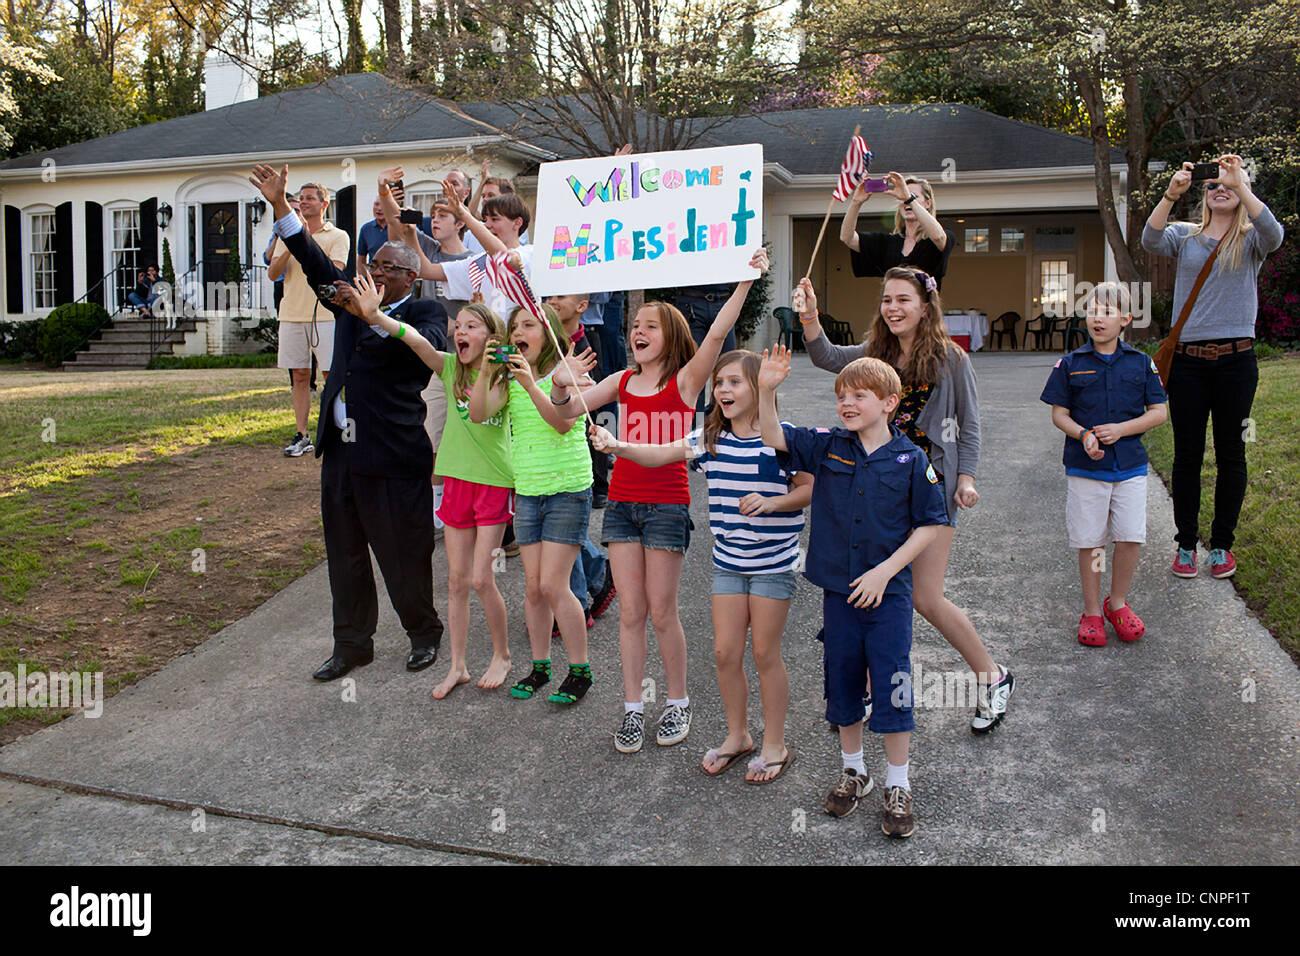 Vague et applaudir les supporters signe en tant que Président des Etats-Unis, Barack Obama, visites à Photo Stock